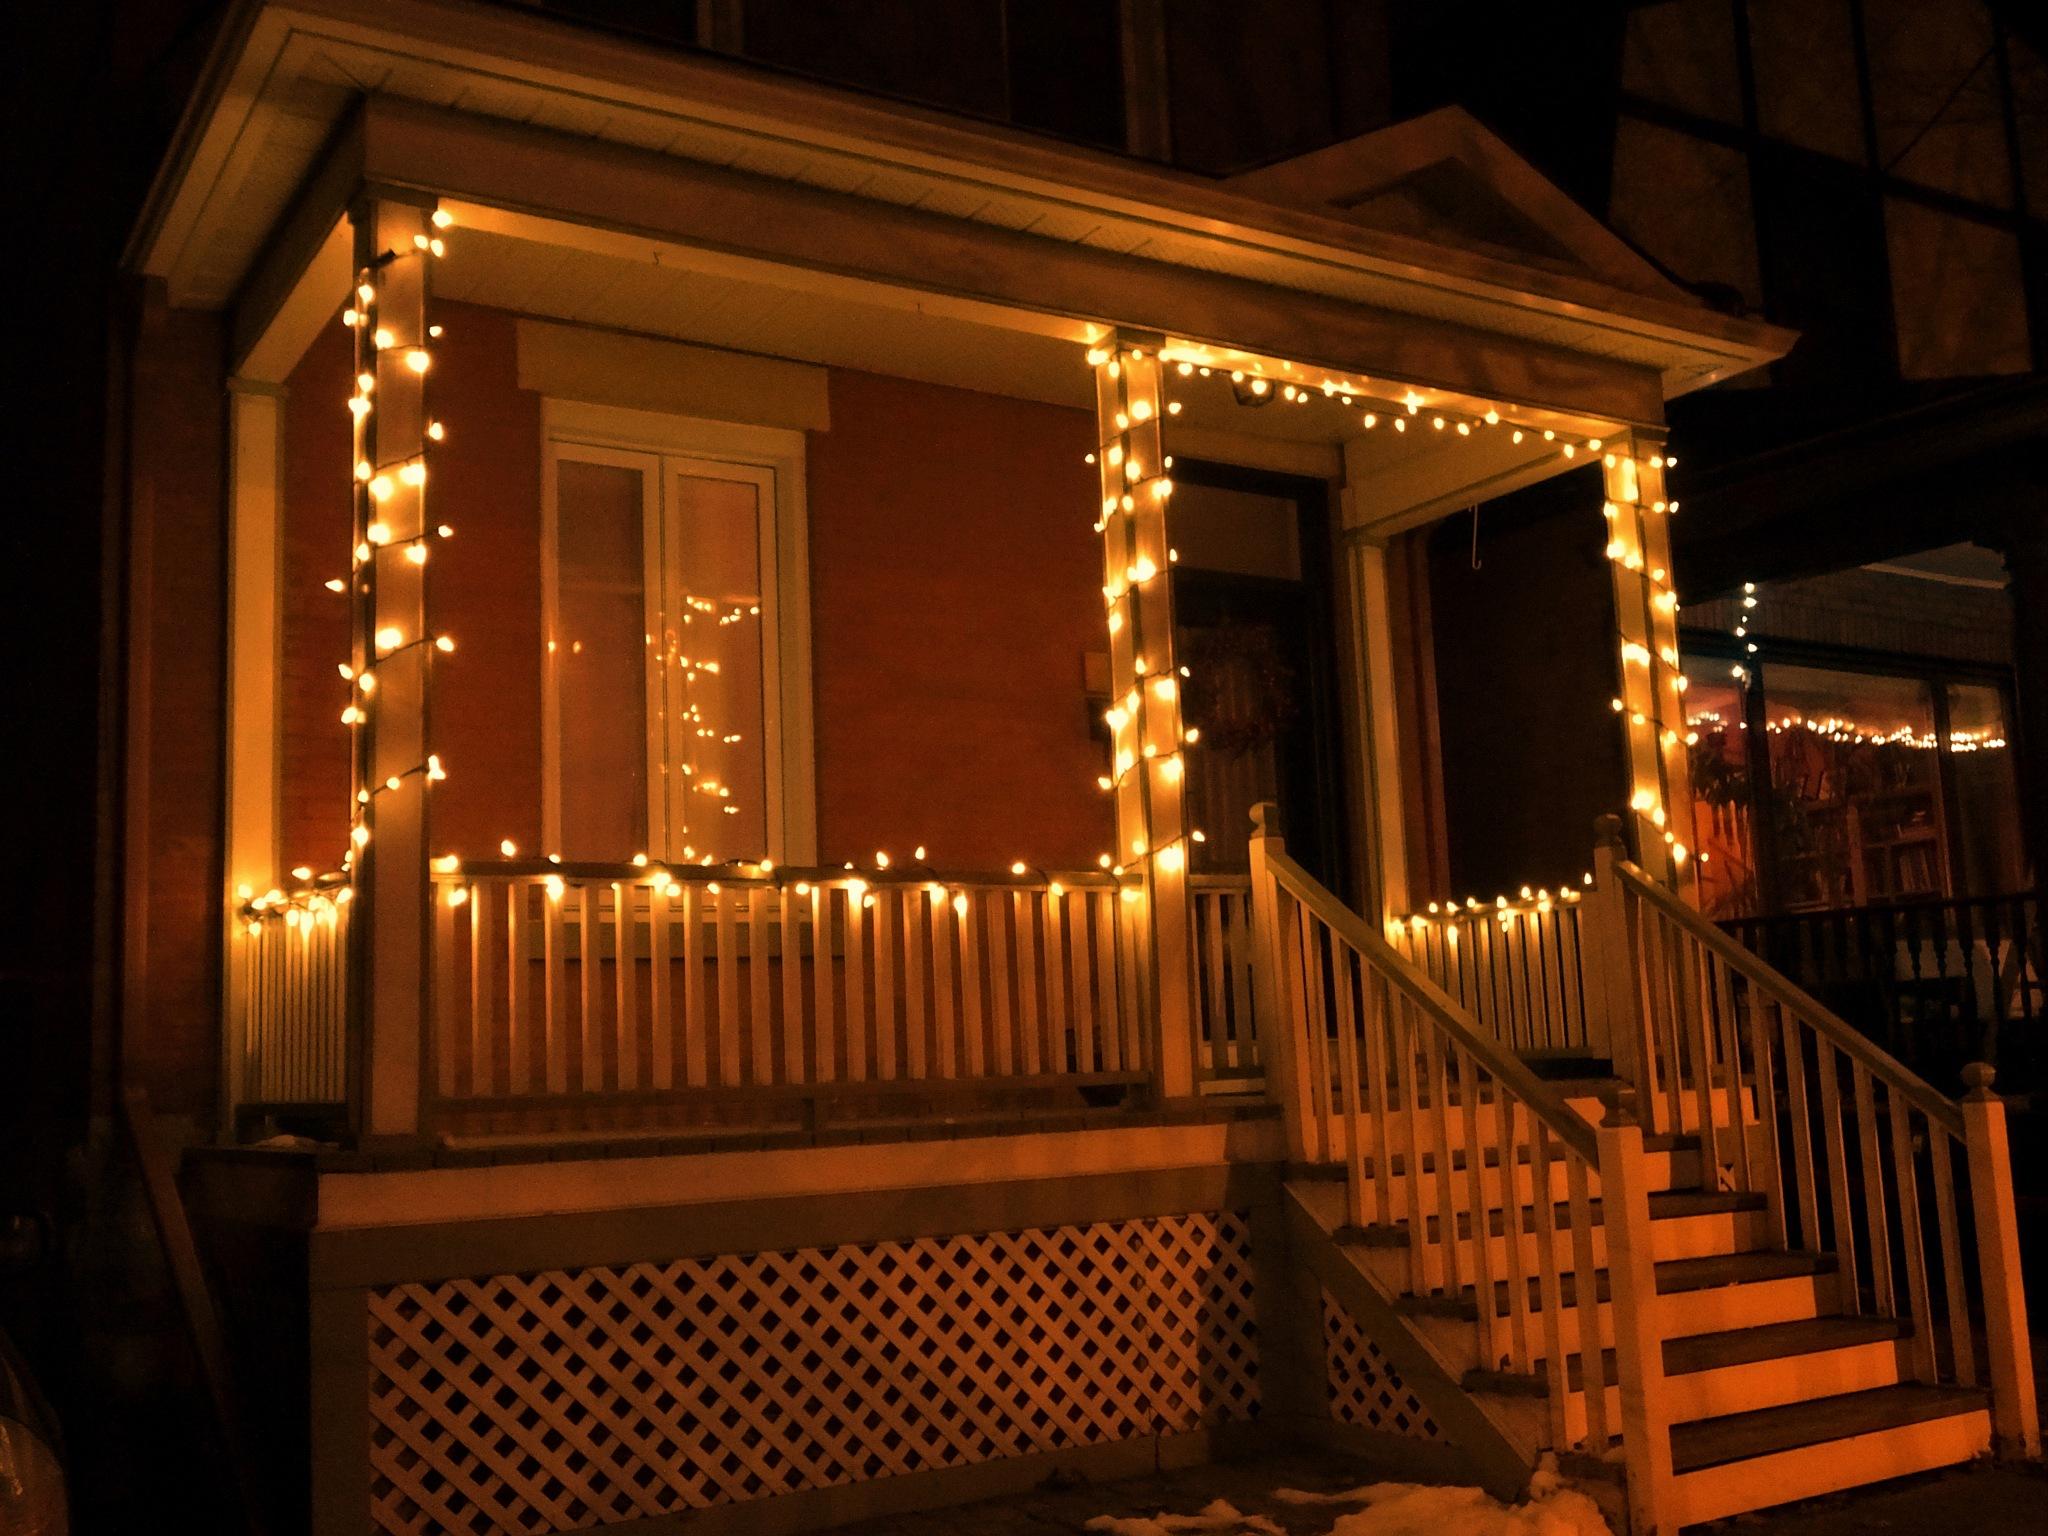 Christmas Lights by Dino DiLabio